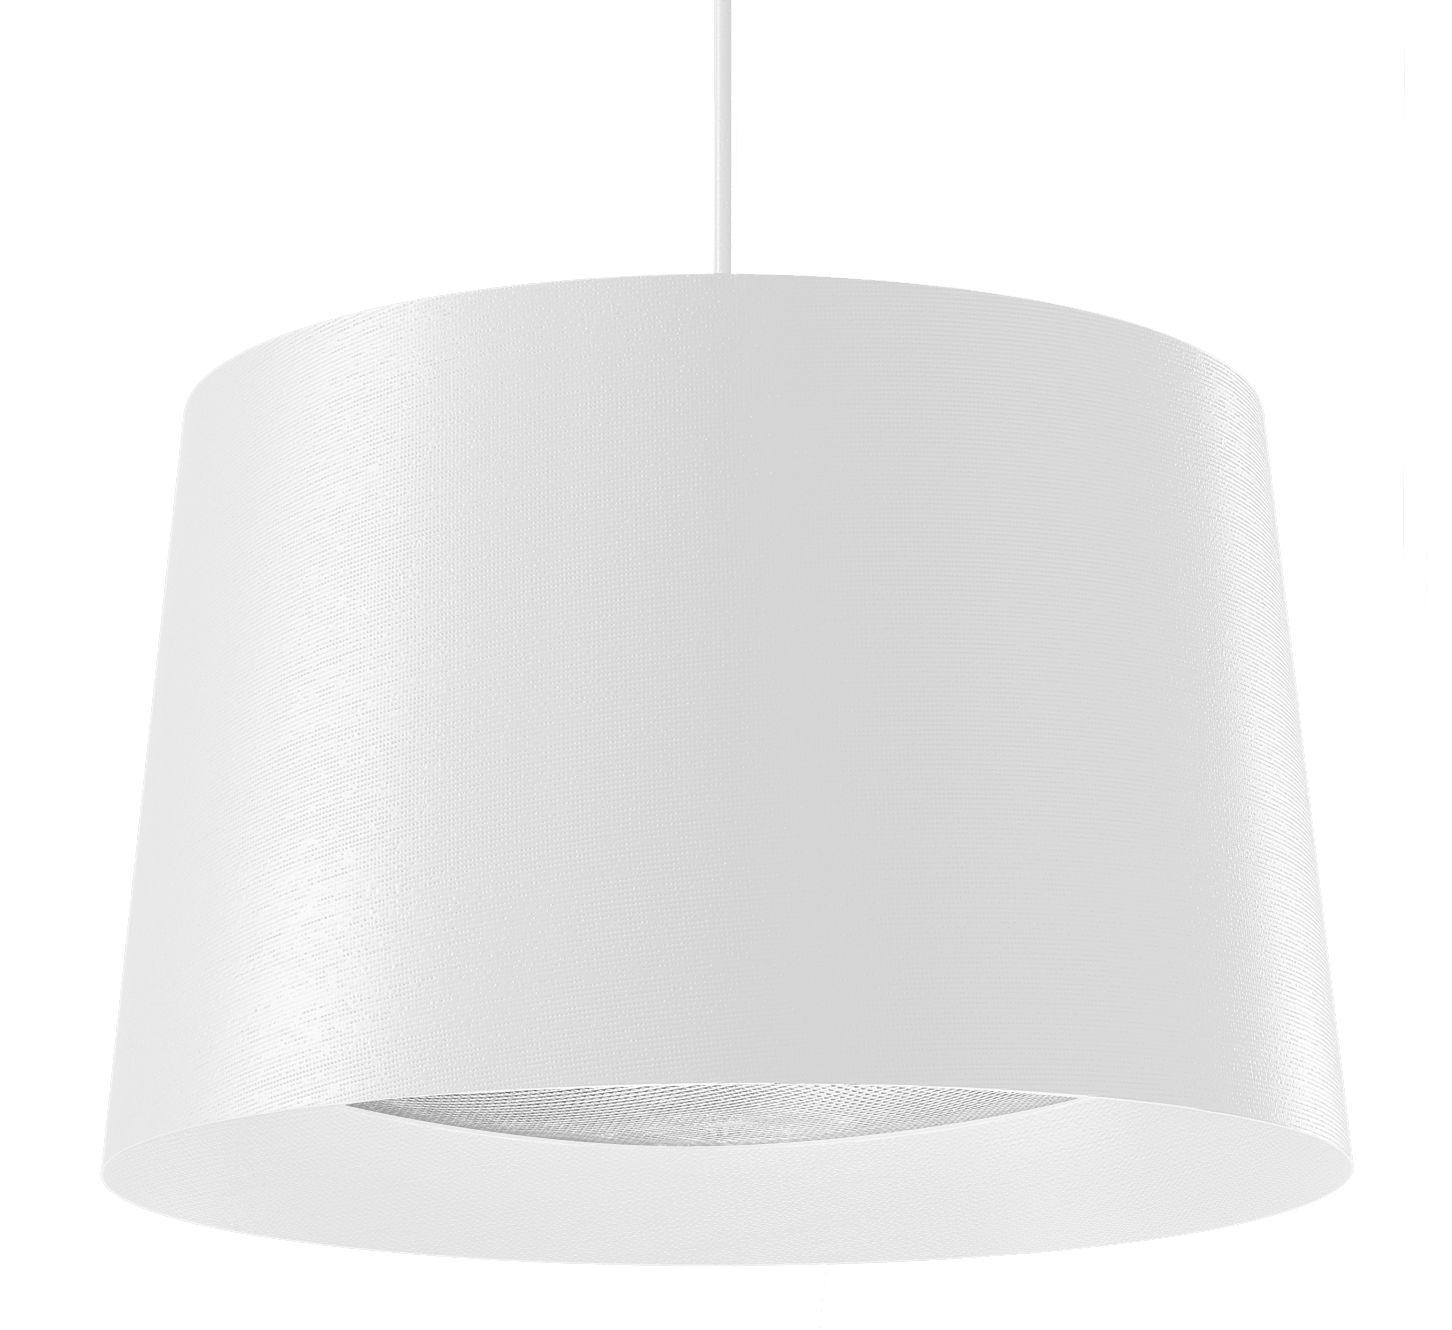 Leuchten - Pendelleuchten - Twiggy Large Pendelleuchte Großes Modell - Foscarini - Weiß - Glasfaser, Verbund-Werkstoffe